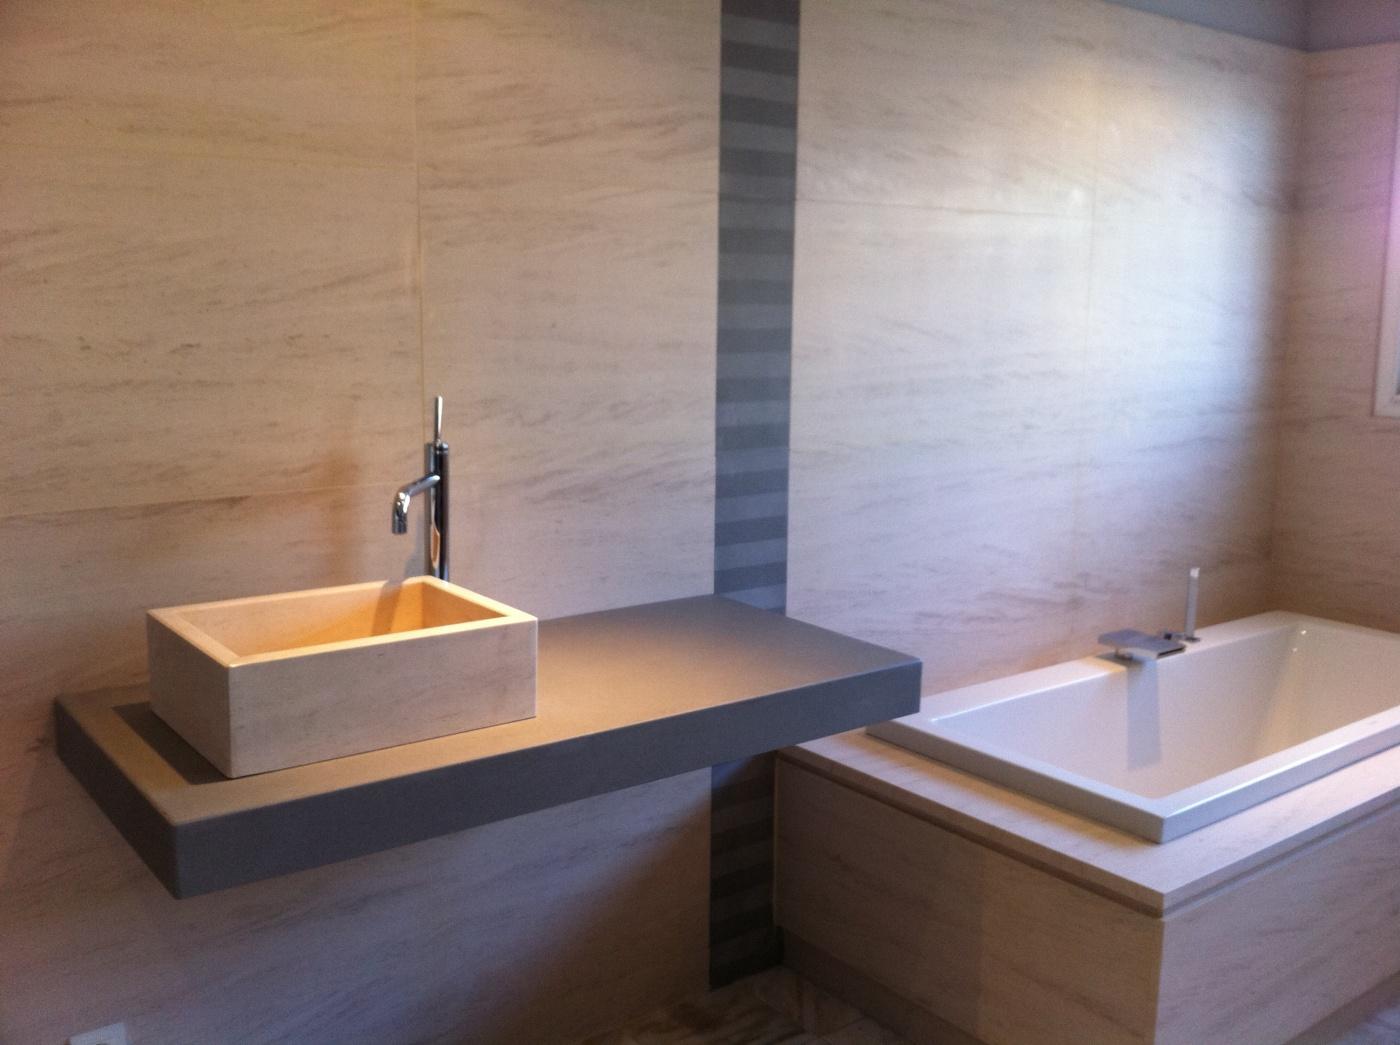 Salle de bain en Moca Creme Plan vasque en Pietra Serena